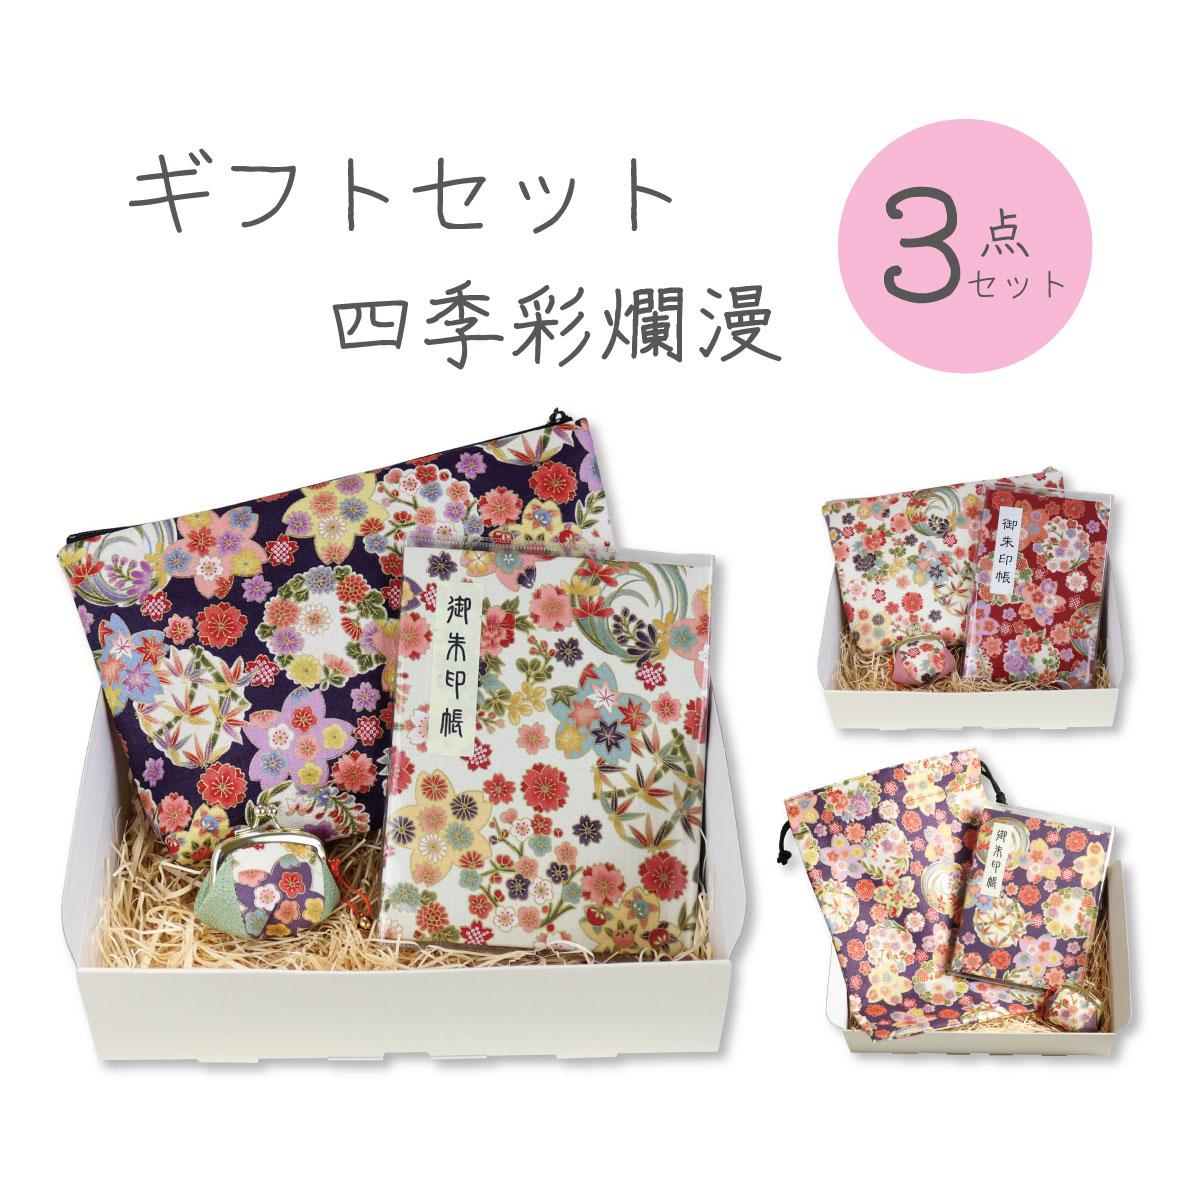 【ギフトセット】四季彩爛漫